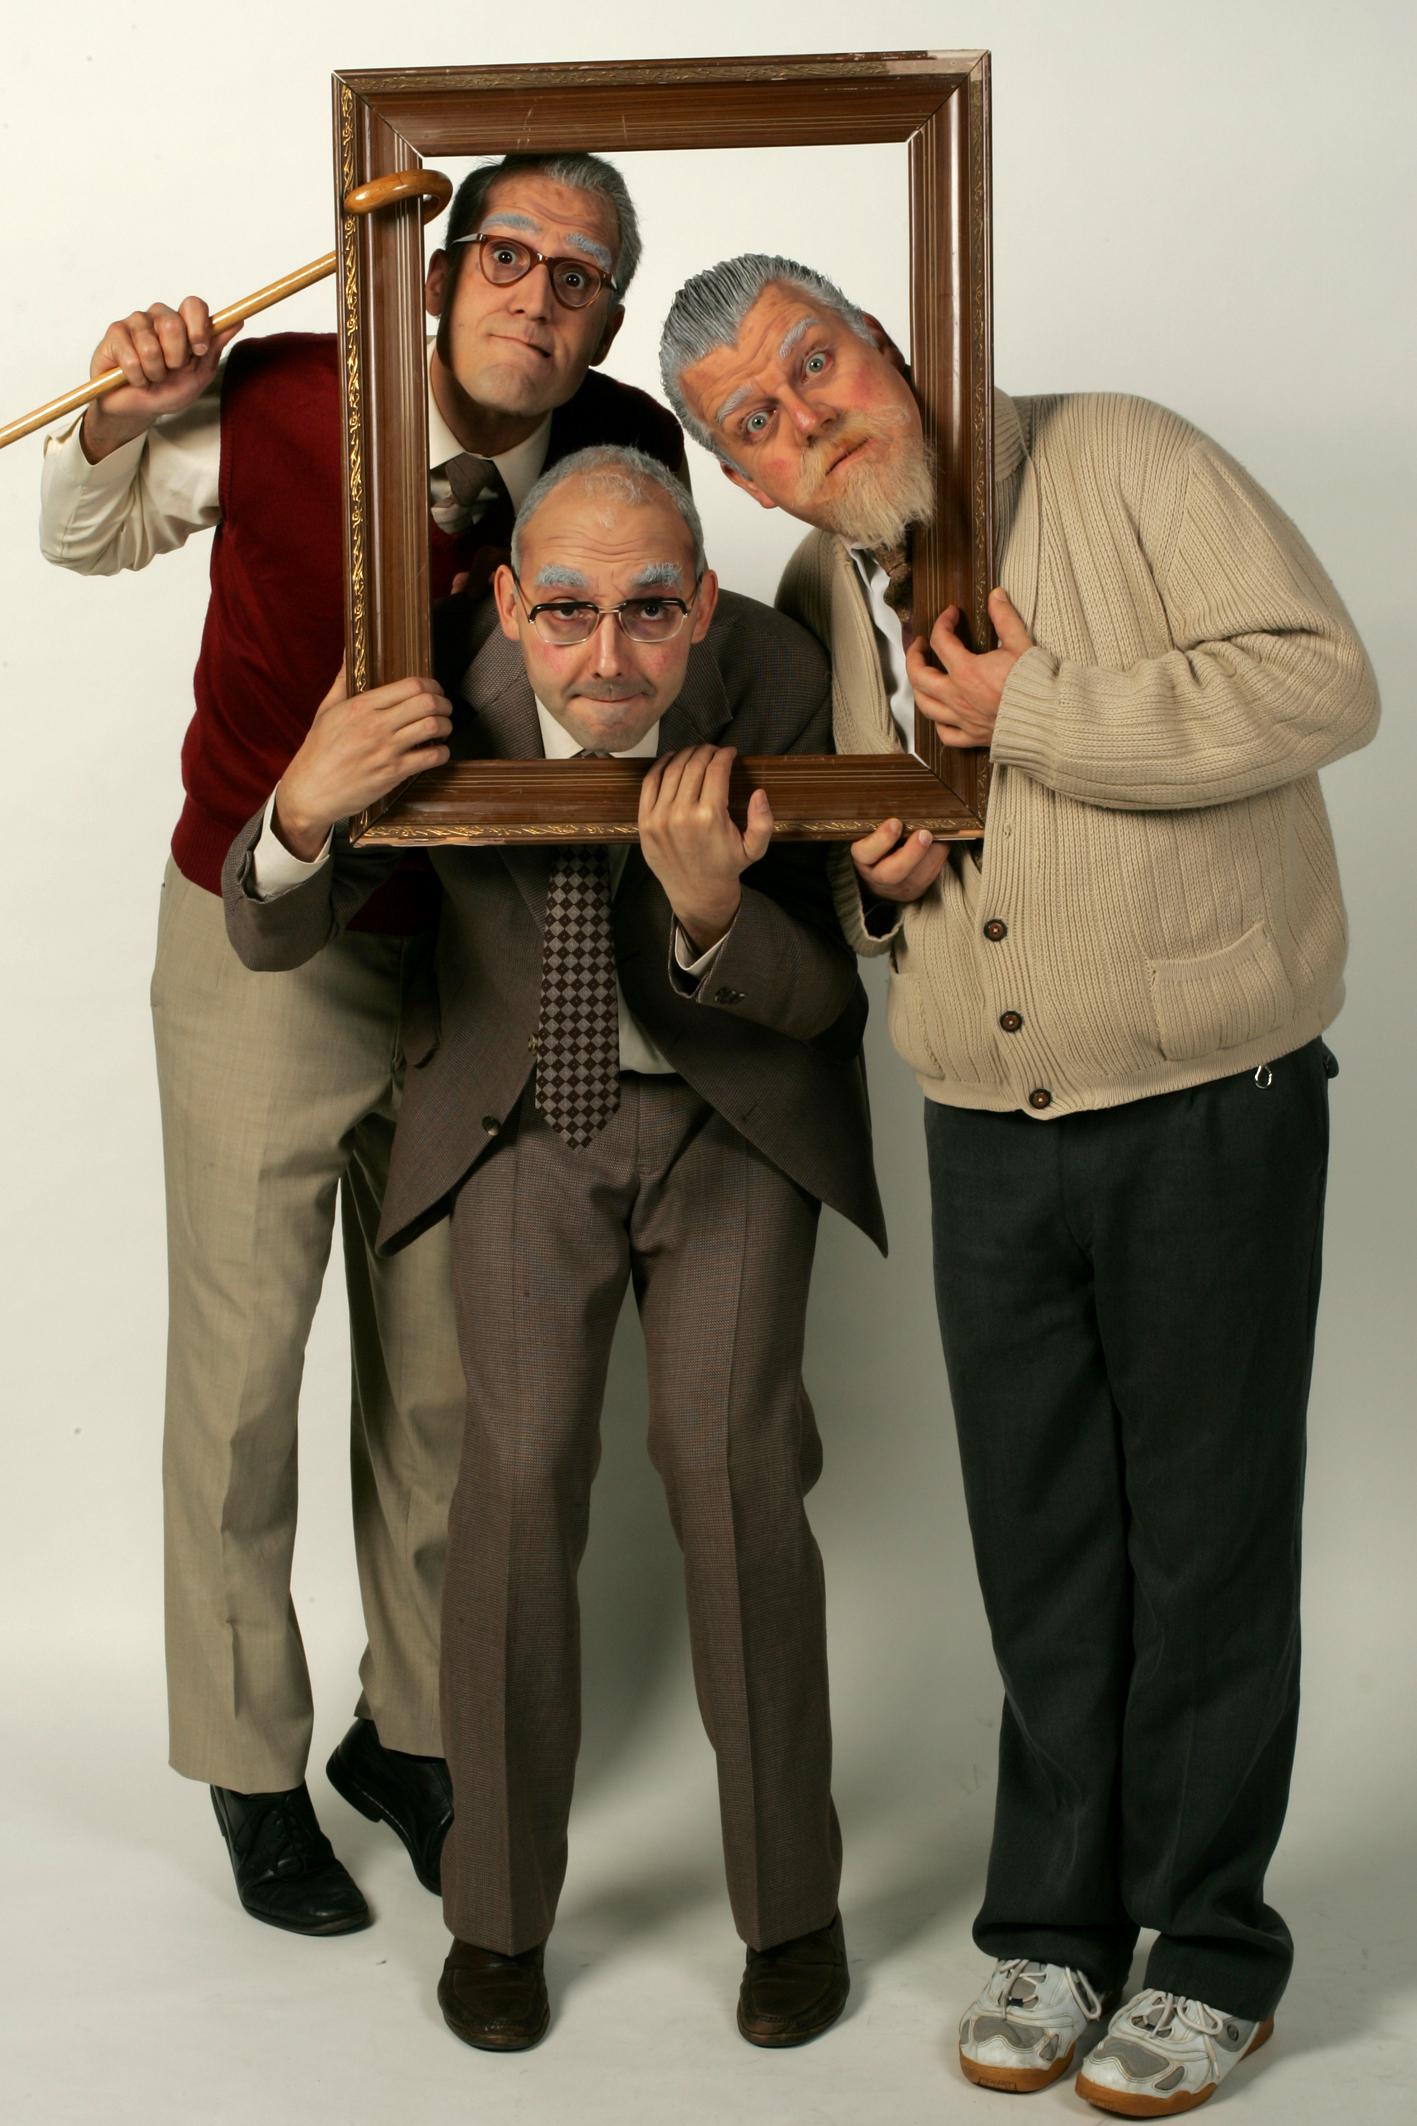 Le trio neuchâtelois d'humorites Les Peutch, présent lors de l'inauguration des Galeries de l'histoire les 24 et 25 mai 2003